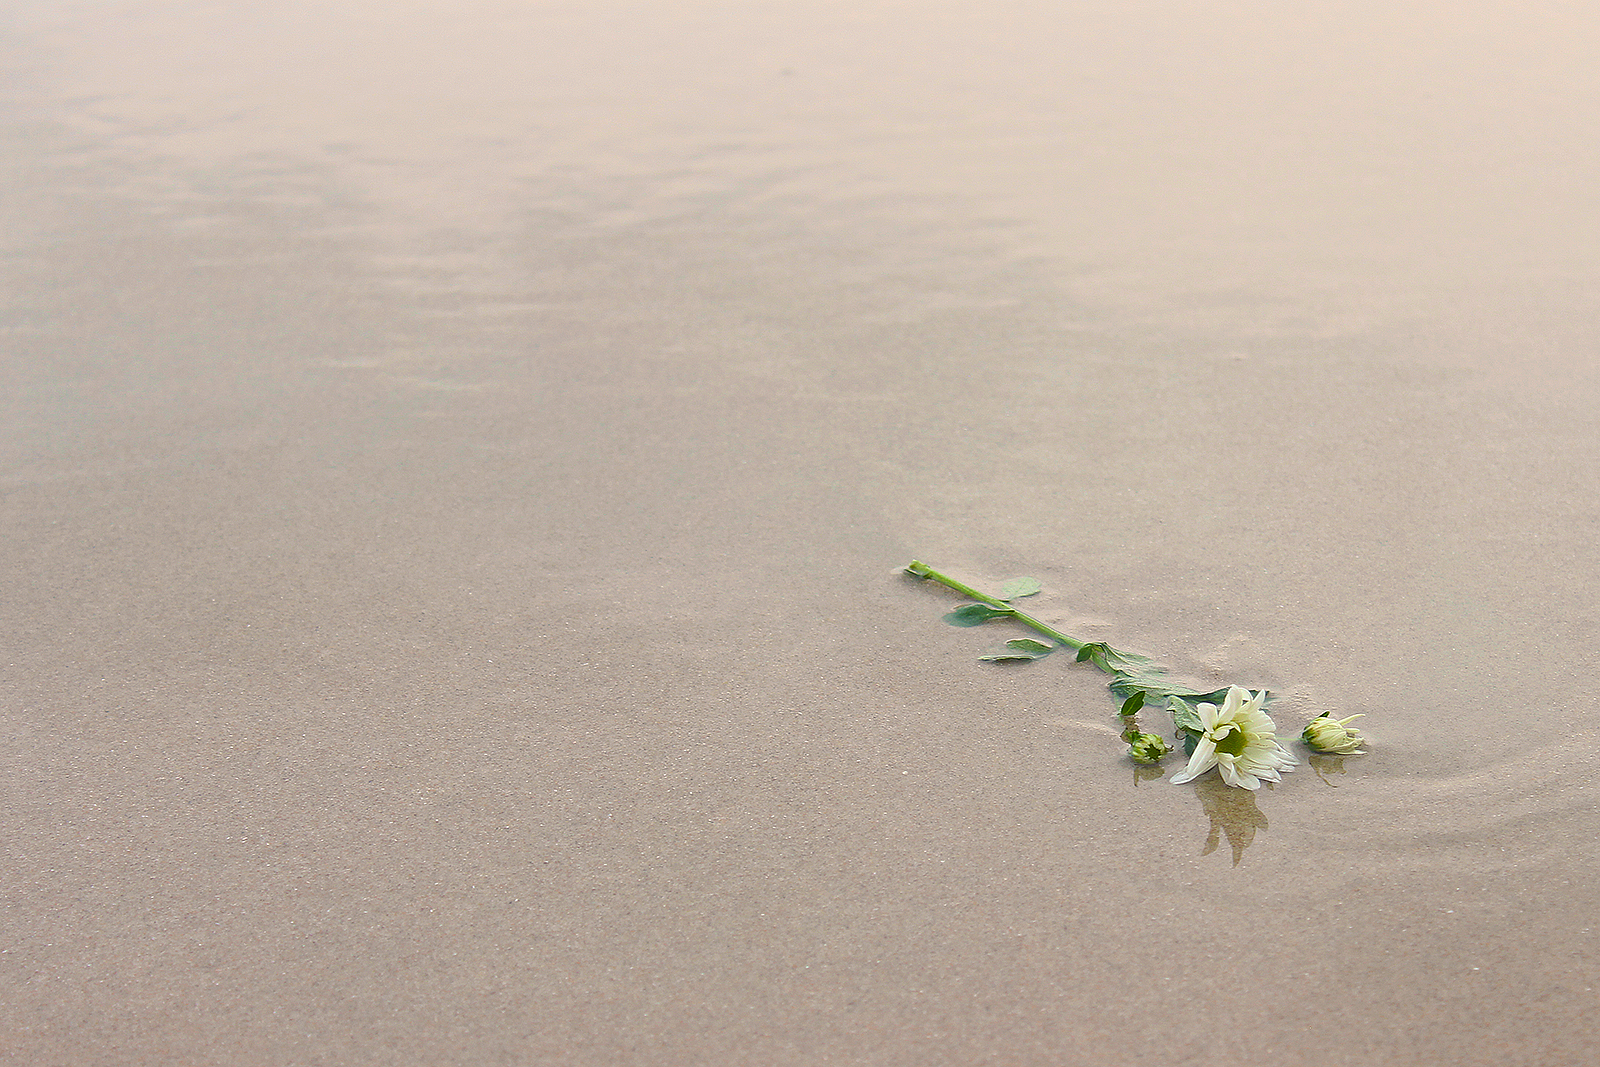 flor molhada areia praia